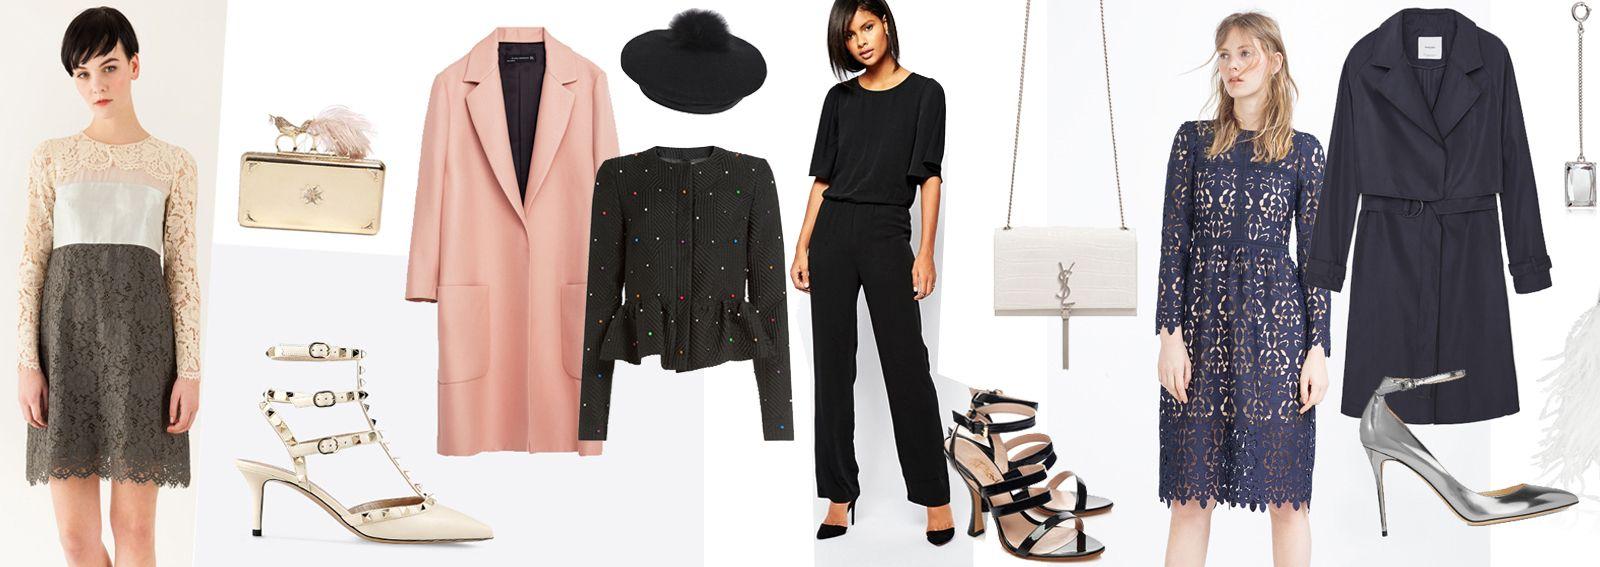 b39eaa017b22 TEMPO DI CERIMONIE  LOOK DA INVITATA – Il blog di Rita Candida  fashion